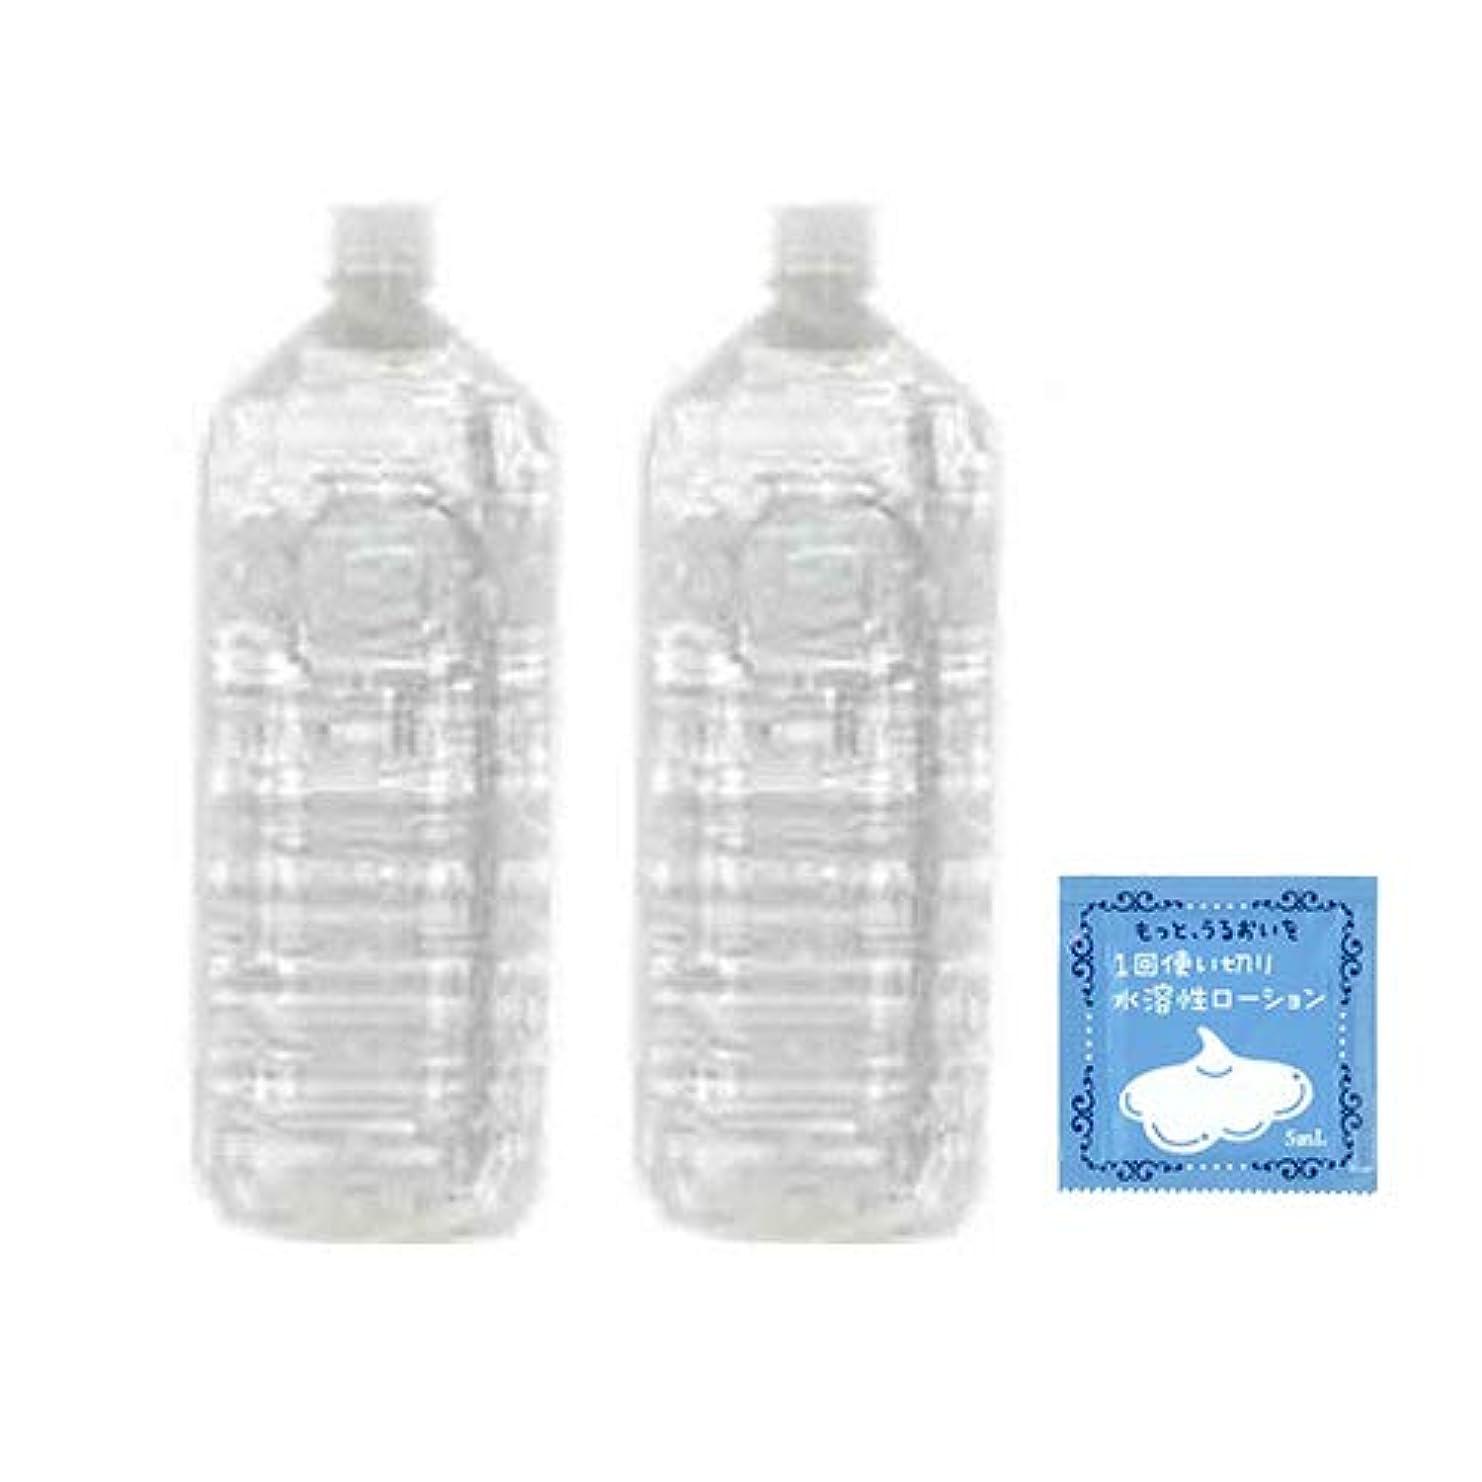 おじさん広告主突っ込むクリアローション 2Lペットボトル ハードタイプ(5倍濃縮原液) × 2本セット + 1回使い切り水溶性潤滑ローション